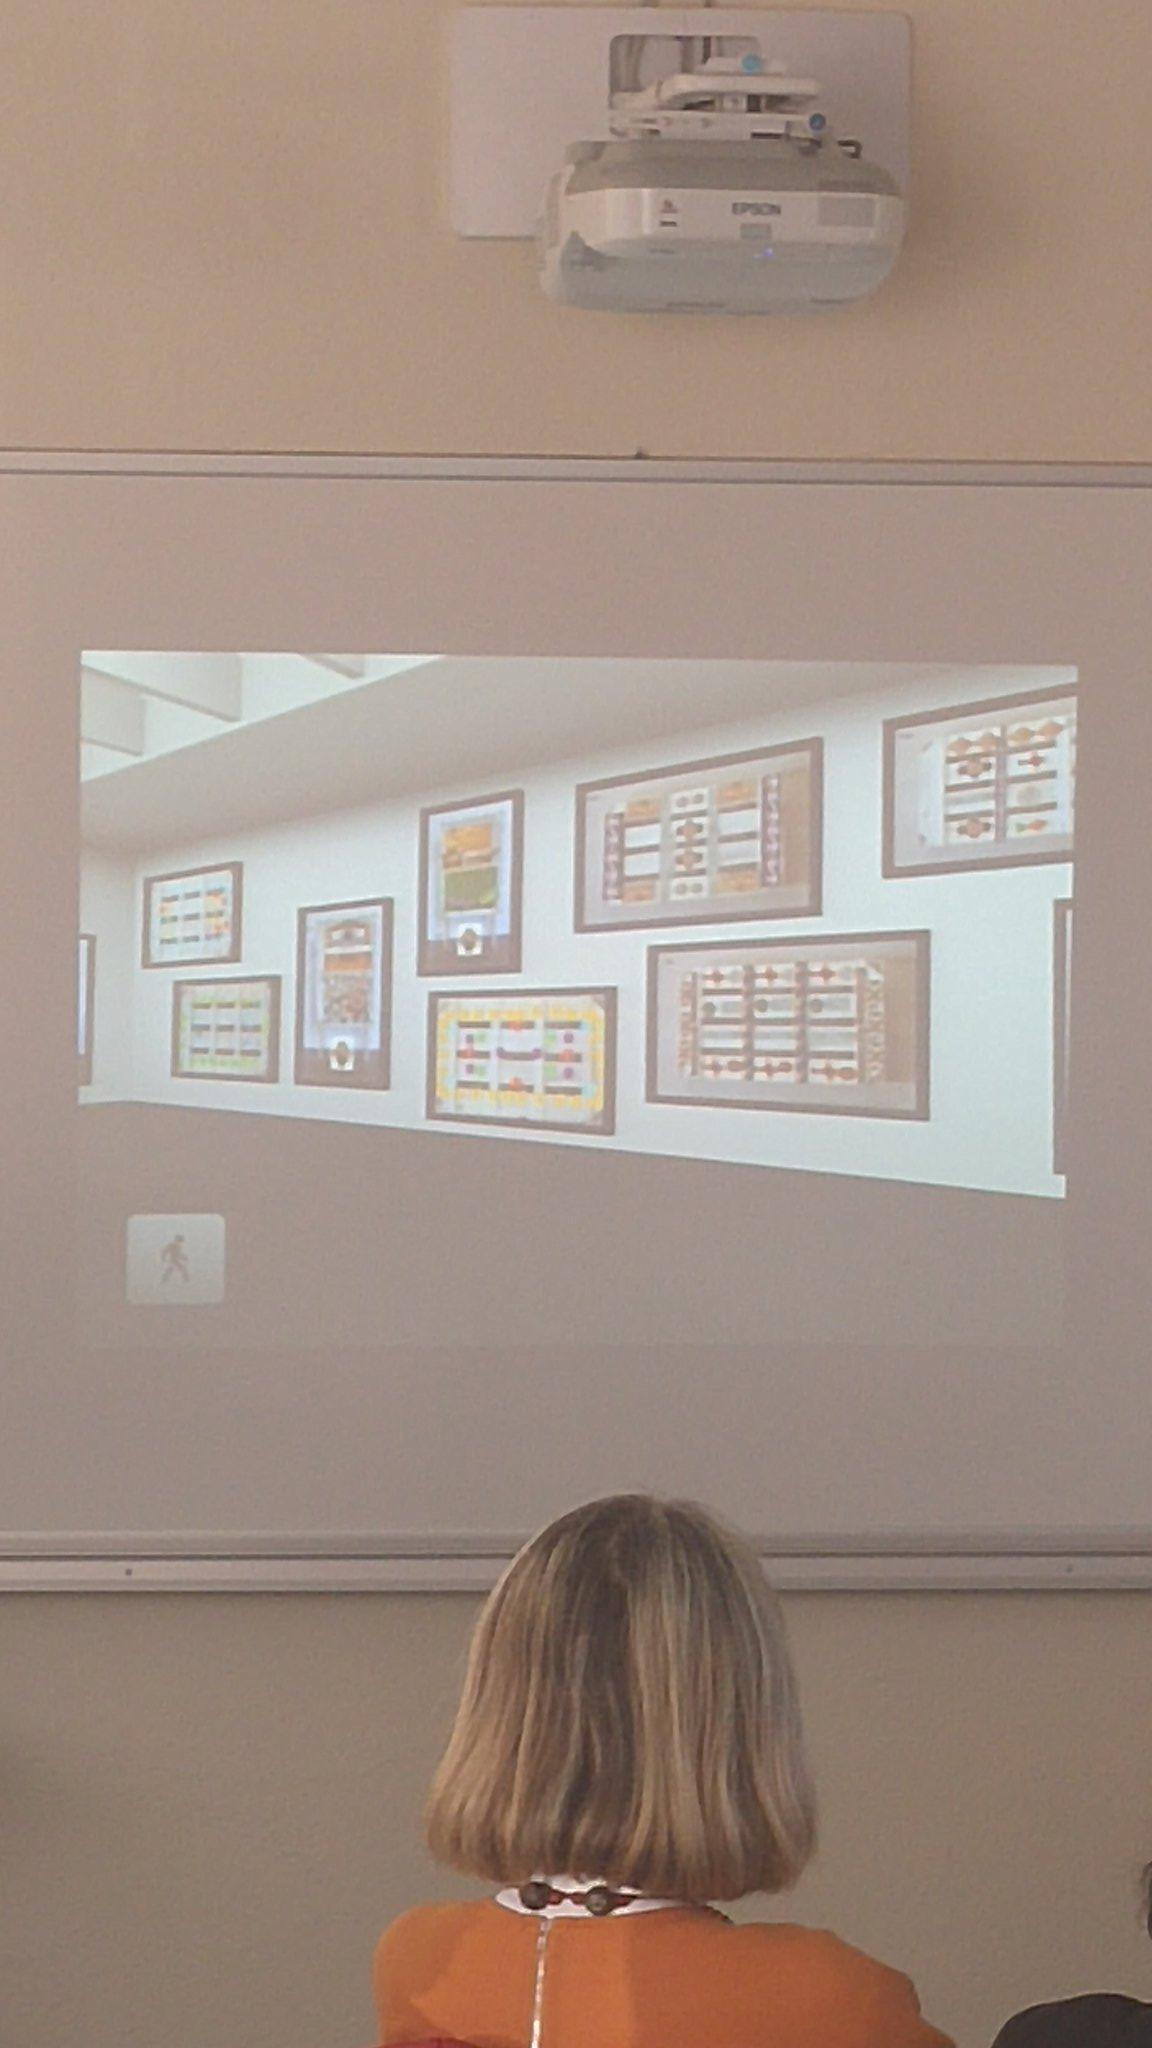 Galerie numérique créée avec des productions d'élèves  #U2N @canope_58 @reseau_canope @dsden58 @dane_dijon https://t.co/hGBID4xaYH